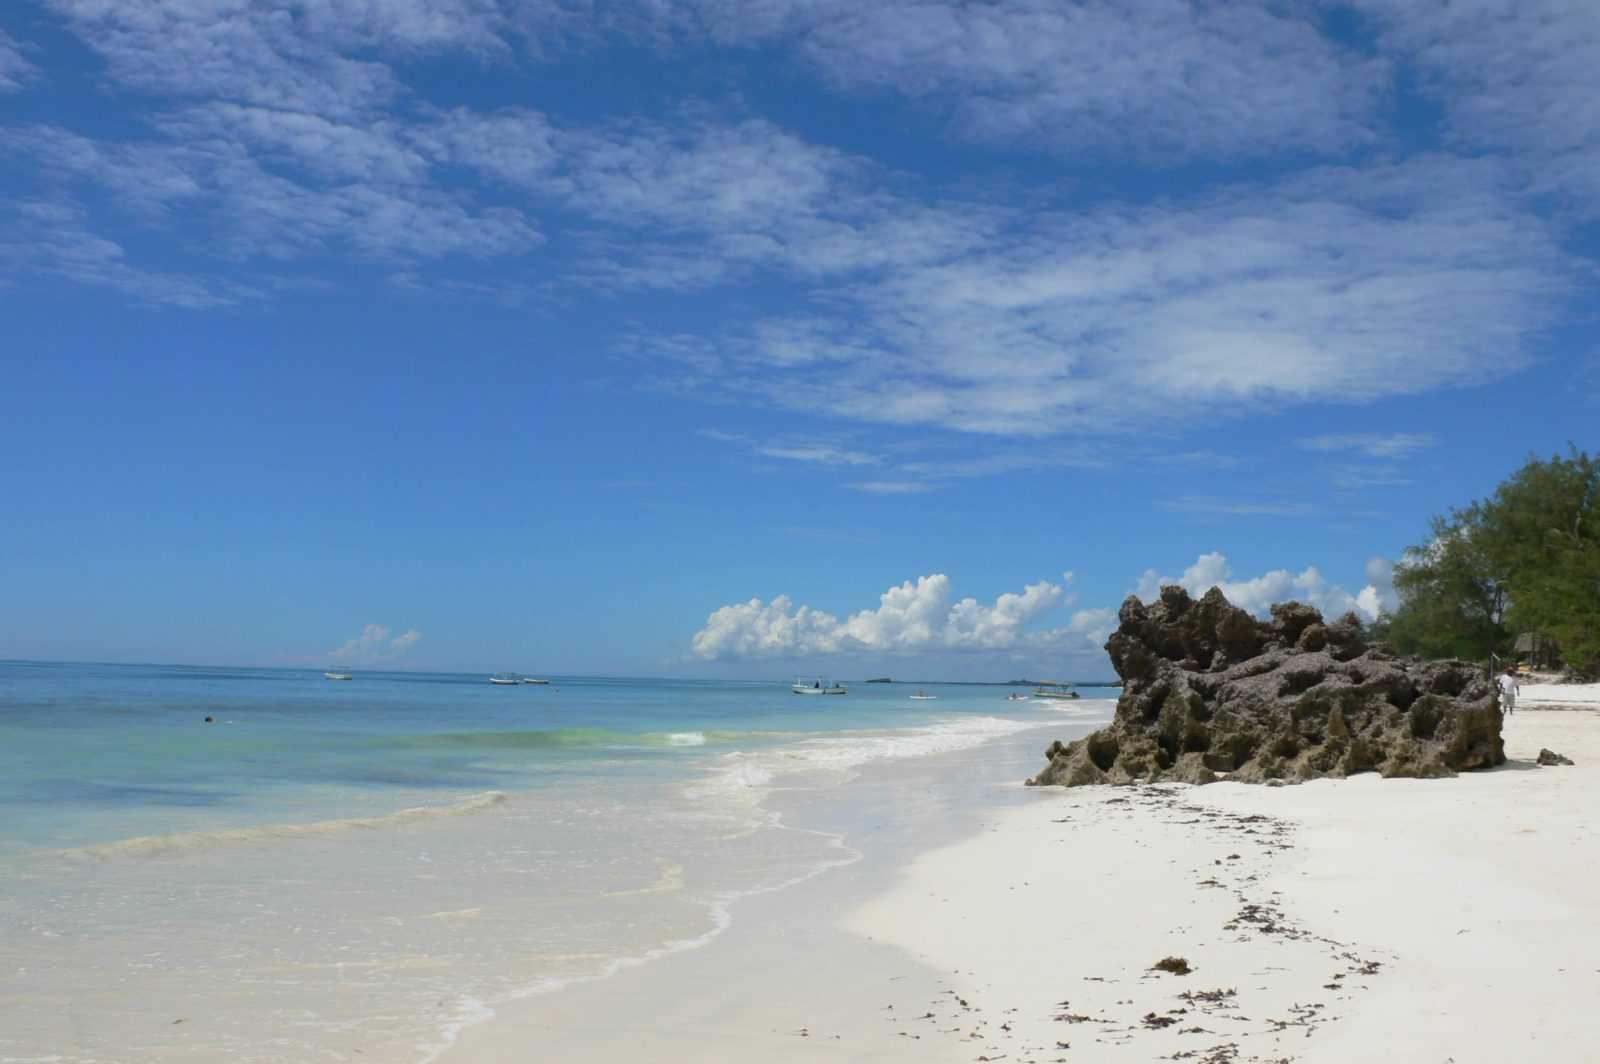 Kenya's National Parks - Mombasa Marine Park